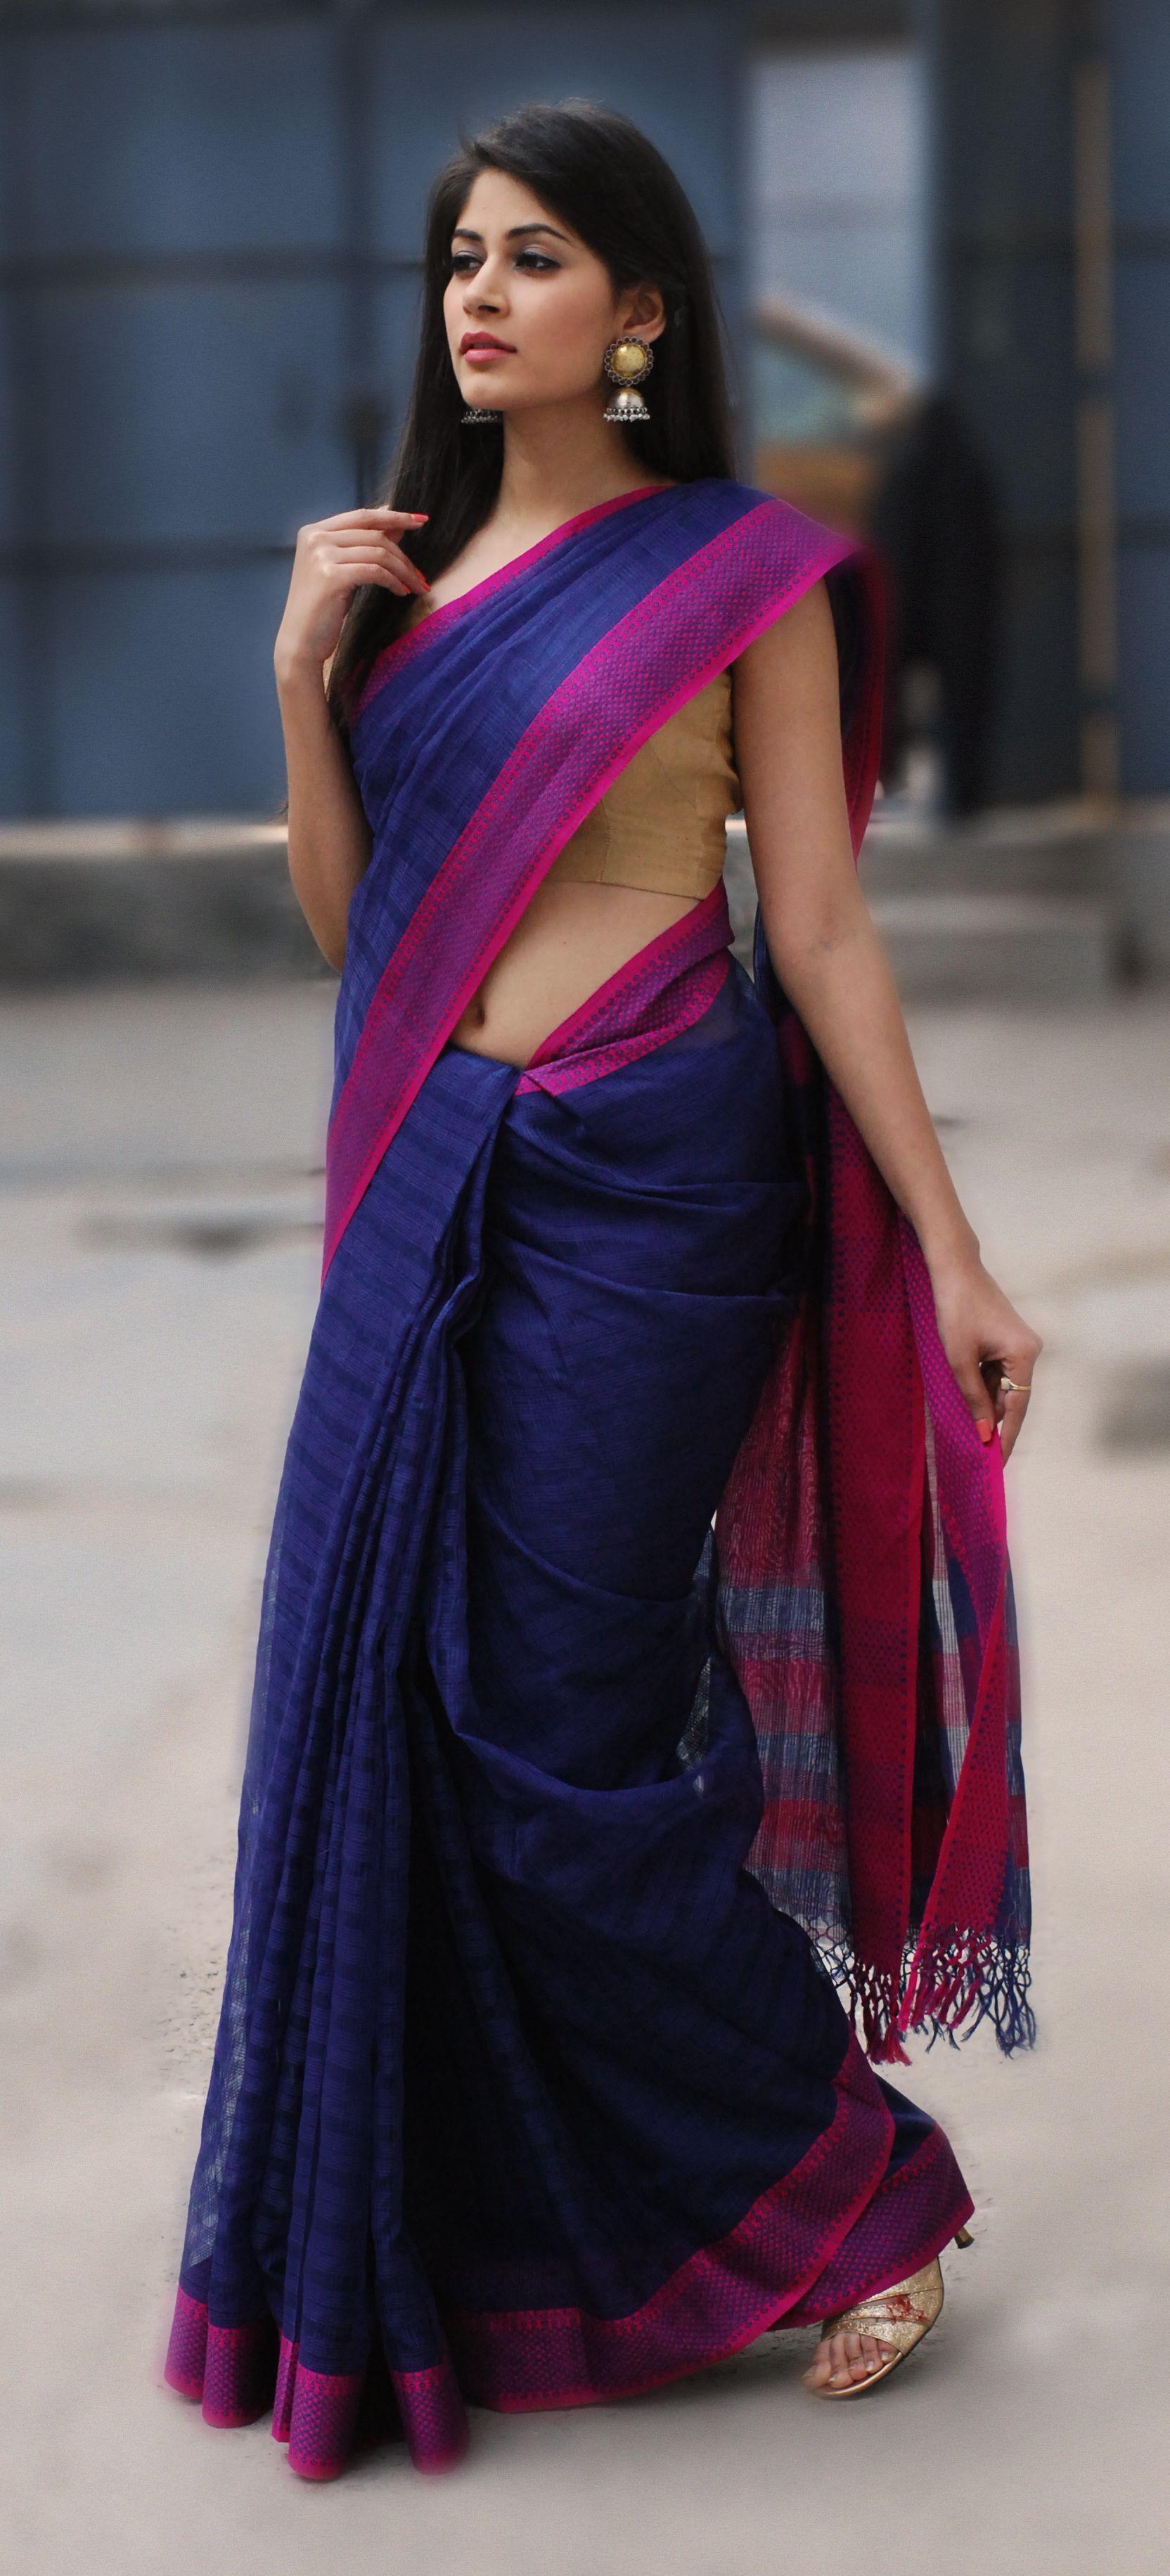 New Designer Saree Blouse Indian Traditional Party Wear Sari Professional Saree